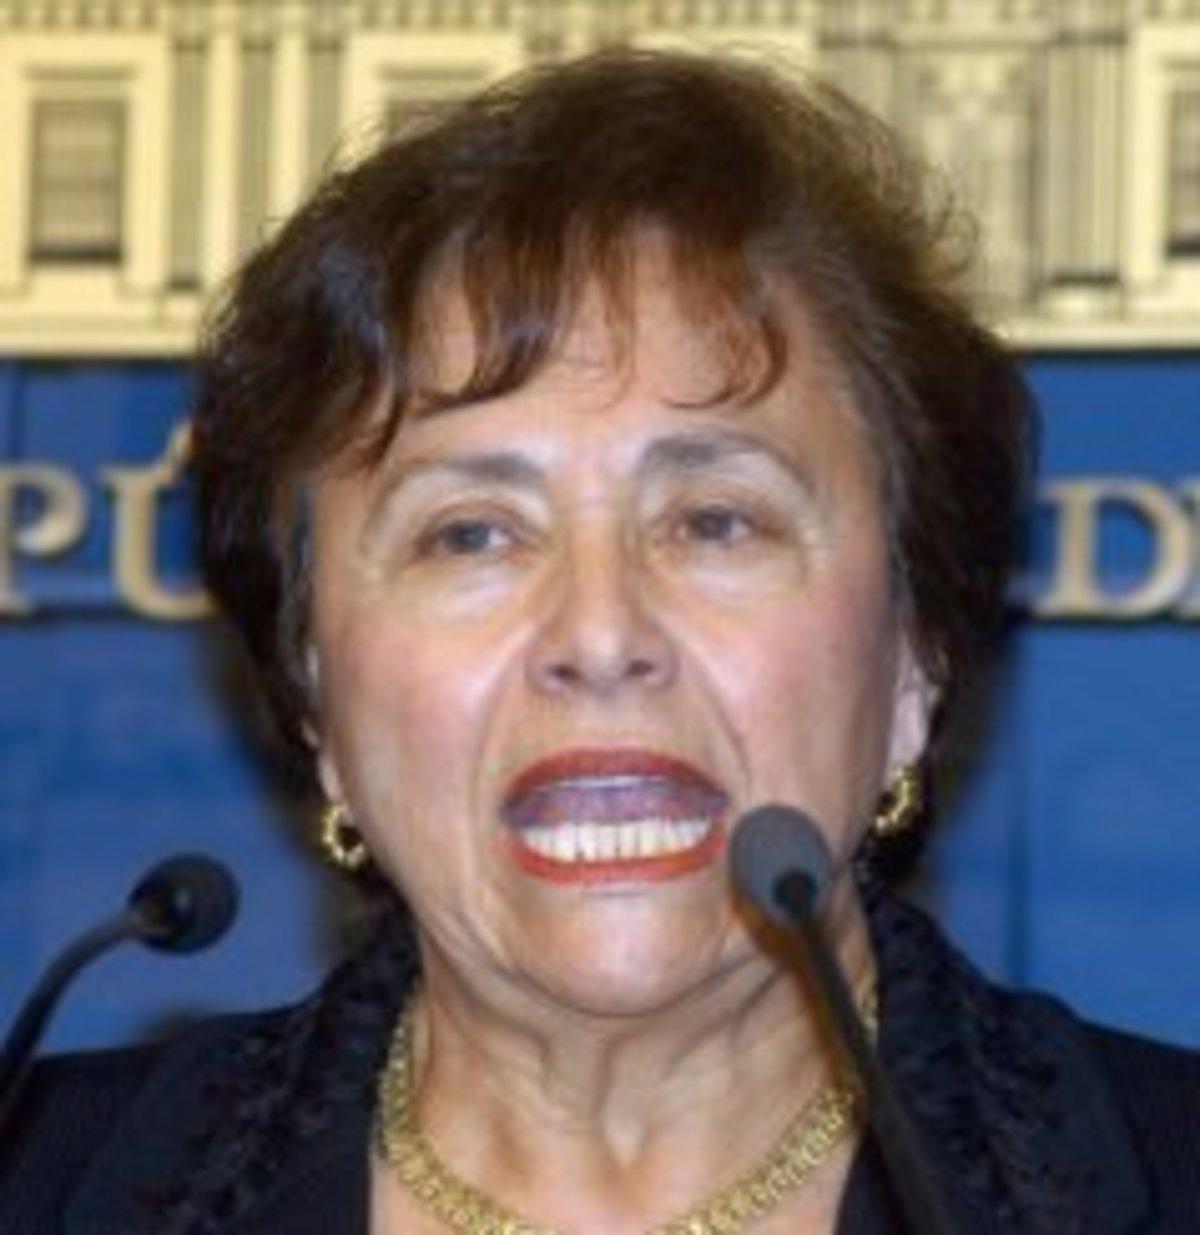 Οχι στην οικονομική βοήθεια στο Αφγανιστάν είπε δημοκρατική βουλευτής | Newsit.gr